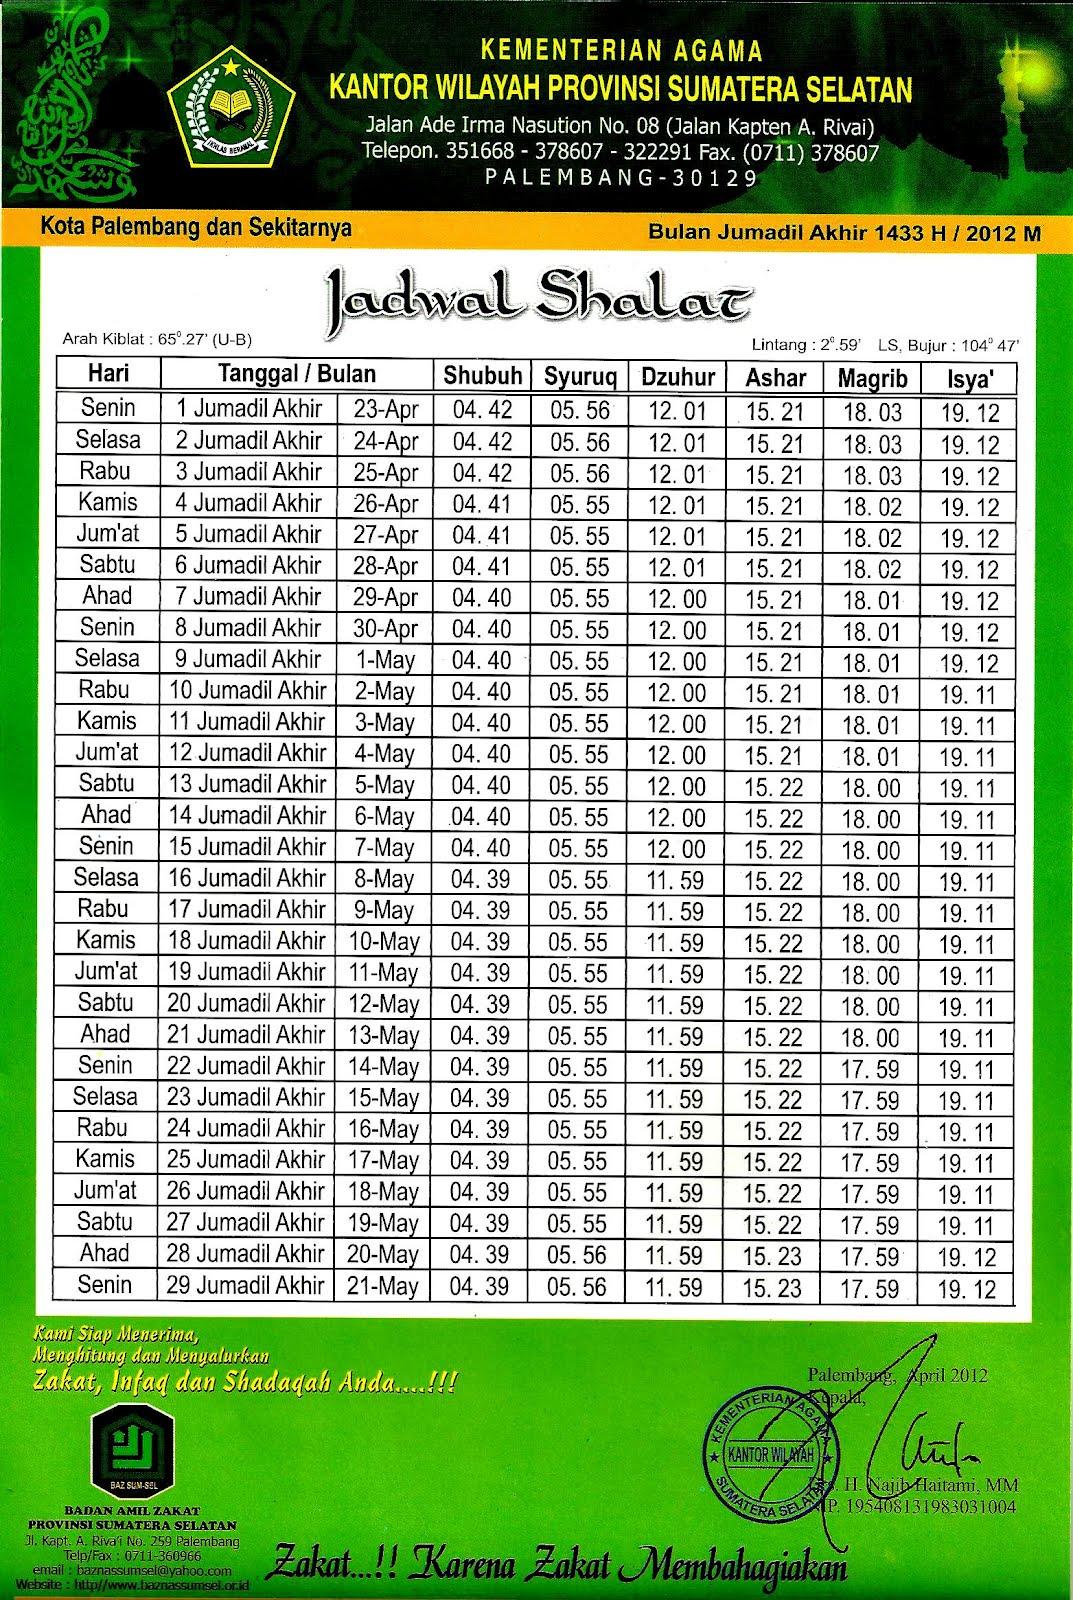 Masjid Amal Bakti: Jadwal Sholat Kota Palembang Bulan